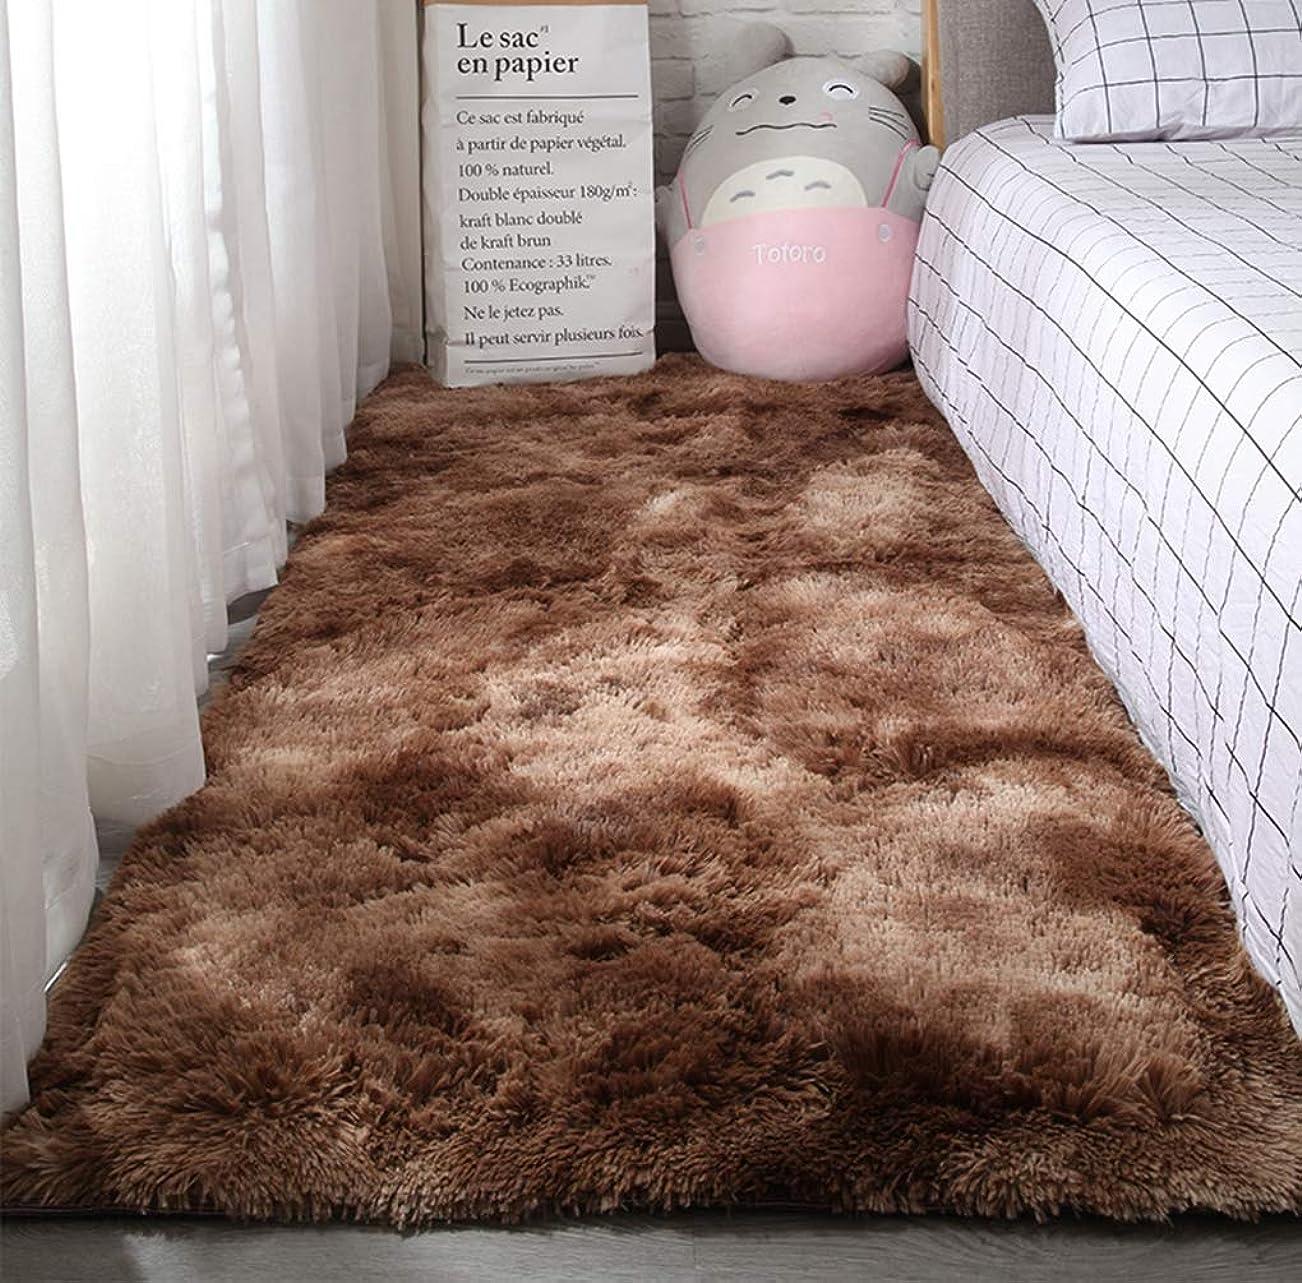 コンプライアンス位置づけるモールラグ シャギーラグ ラグマット 洗える カーペット シャギー ブラウン おしゃれ 一人暮らし 厚手 北欧 無地 オールシーズン ベージュ グレー ふわふわ 長方形 正方形 絨毯 120x160cm 滑り止め 通年 夏用 春夏 160×200 マイクロファイバー